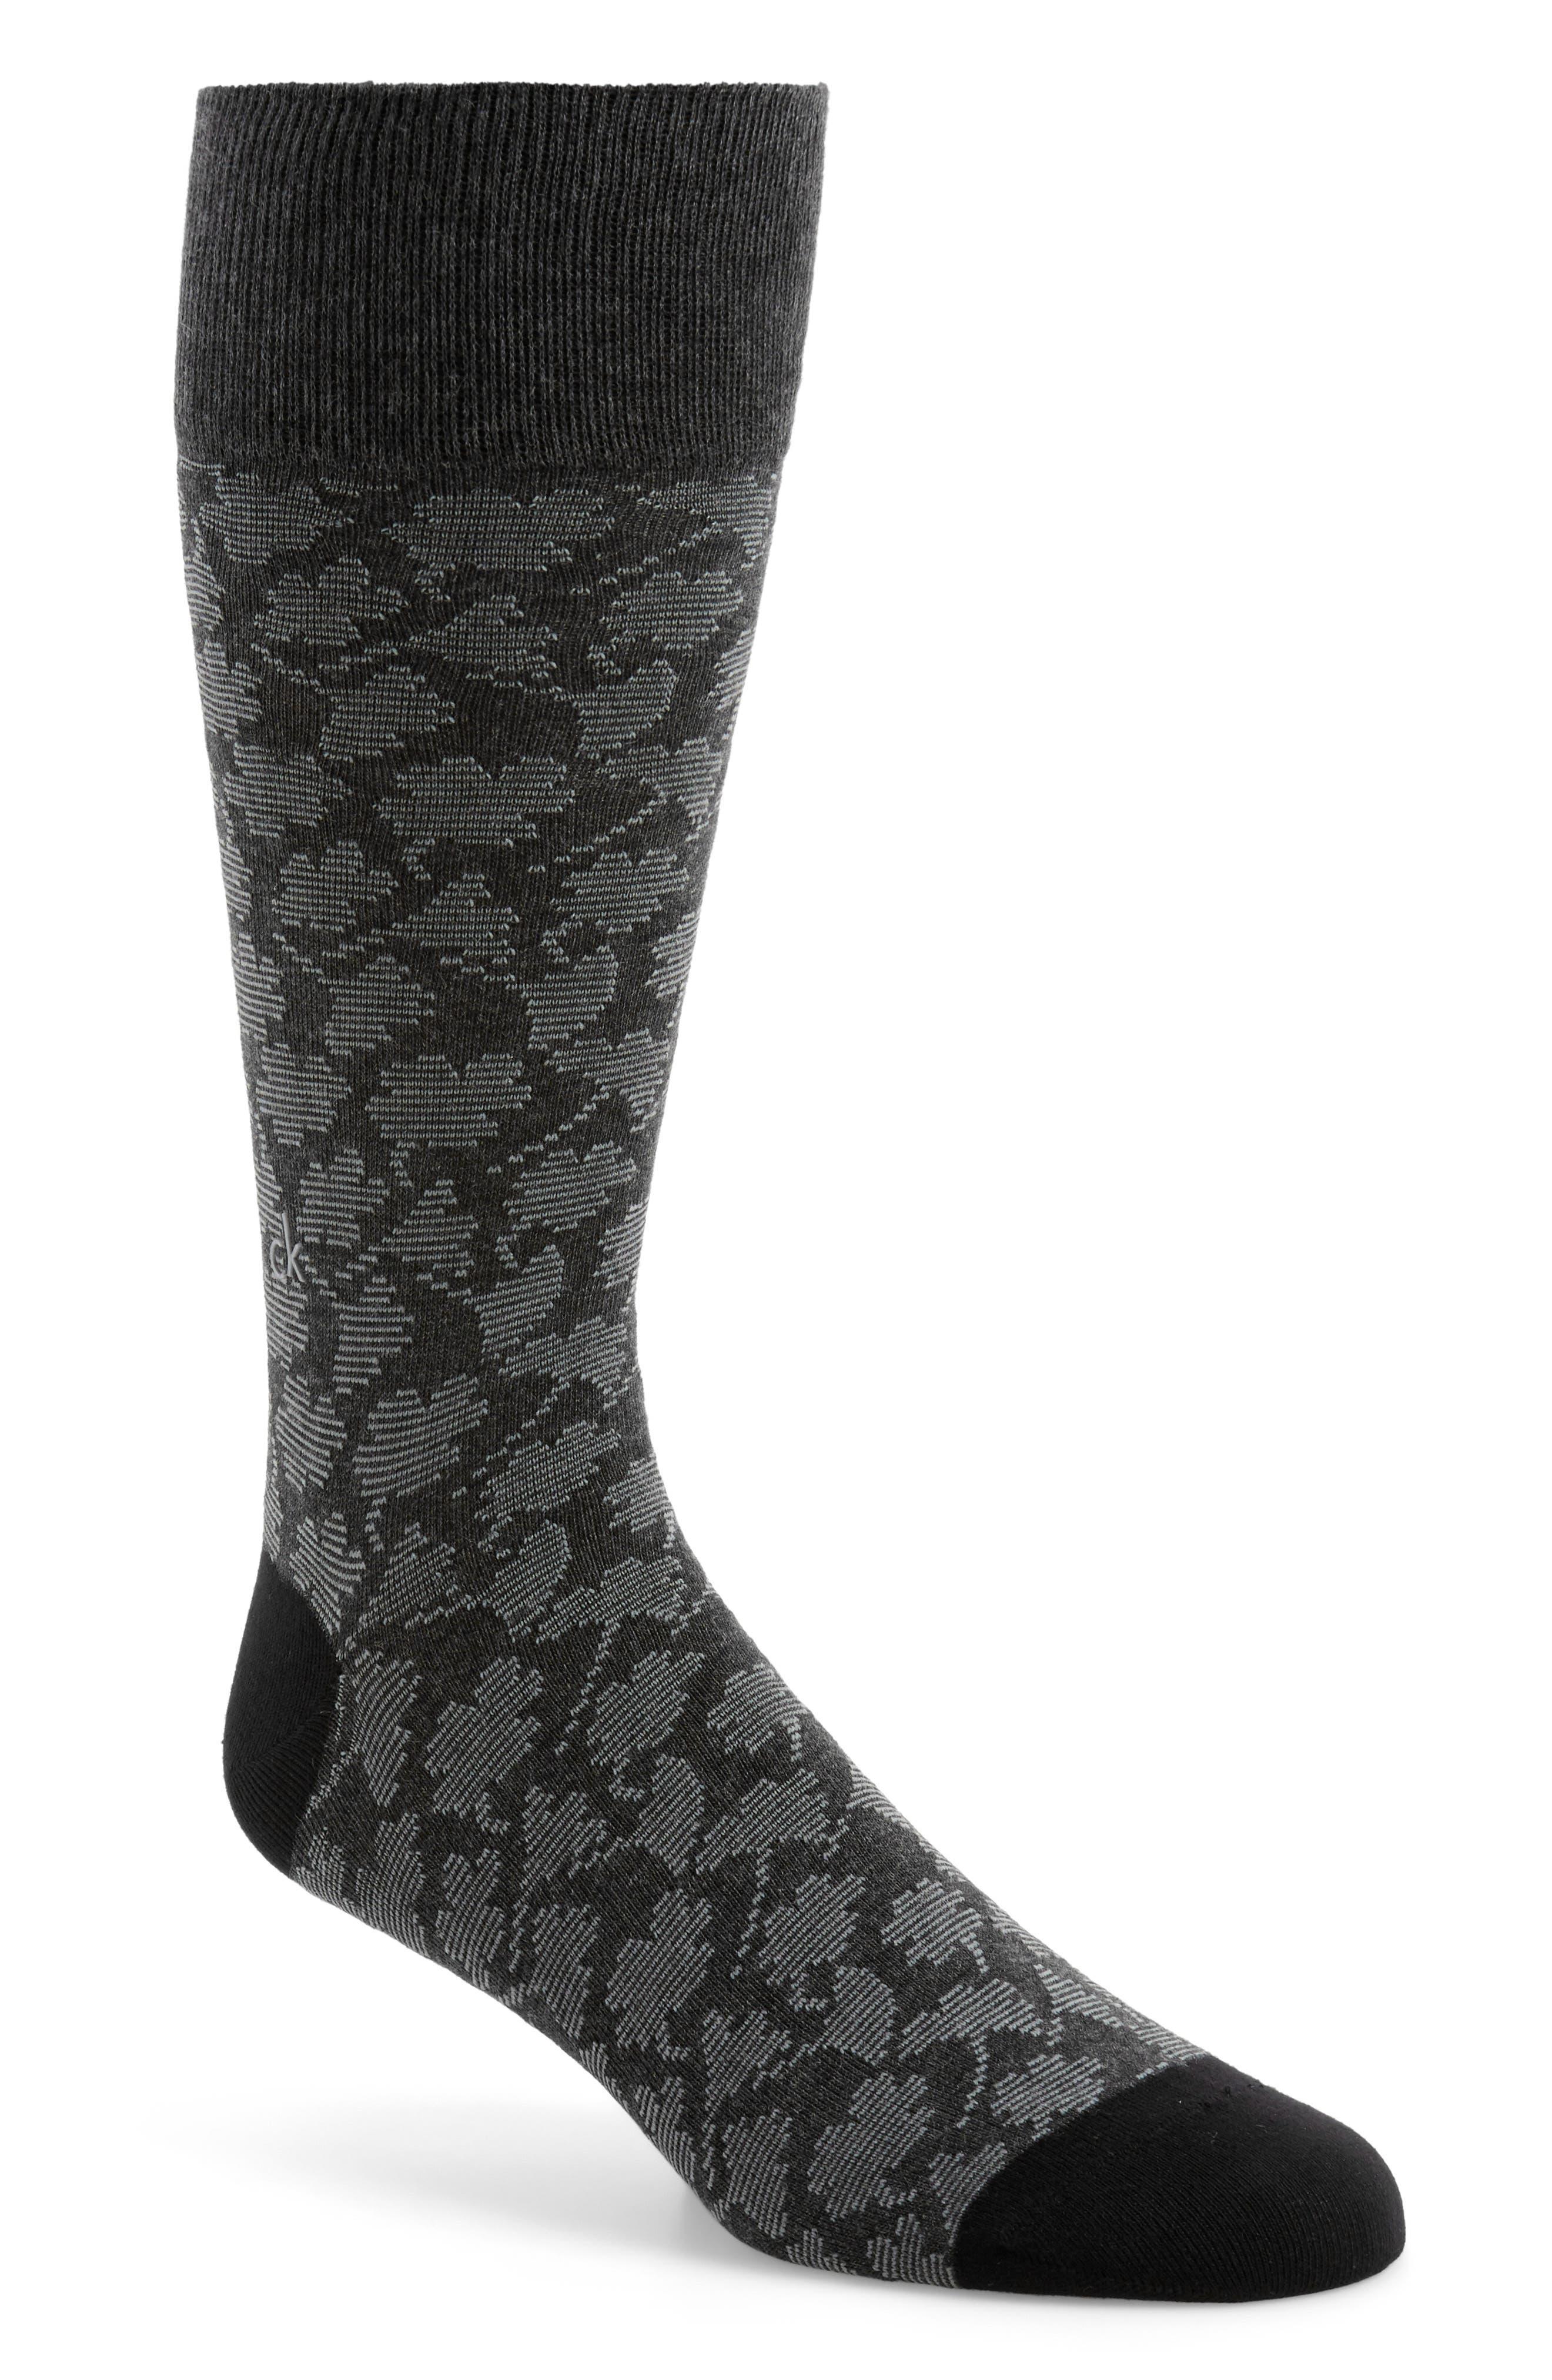 Floral Socks,                             Main thumbnail 1, color,                             020